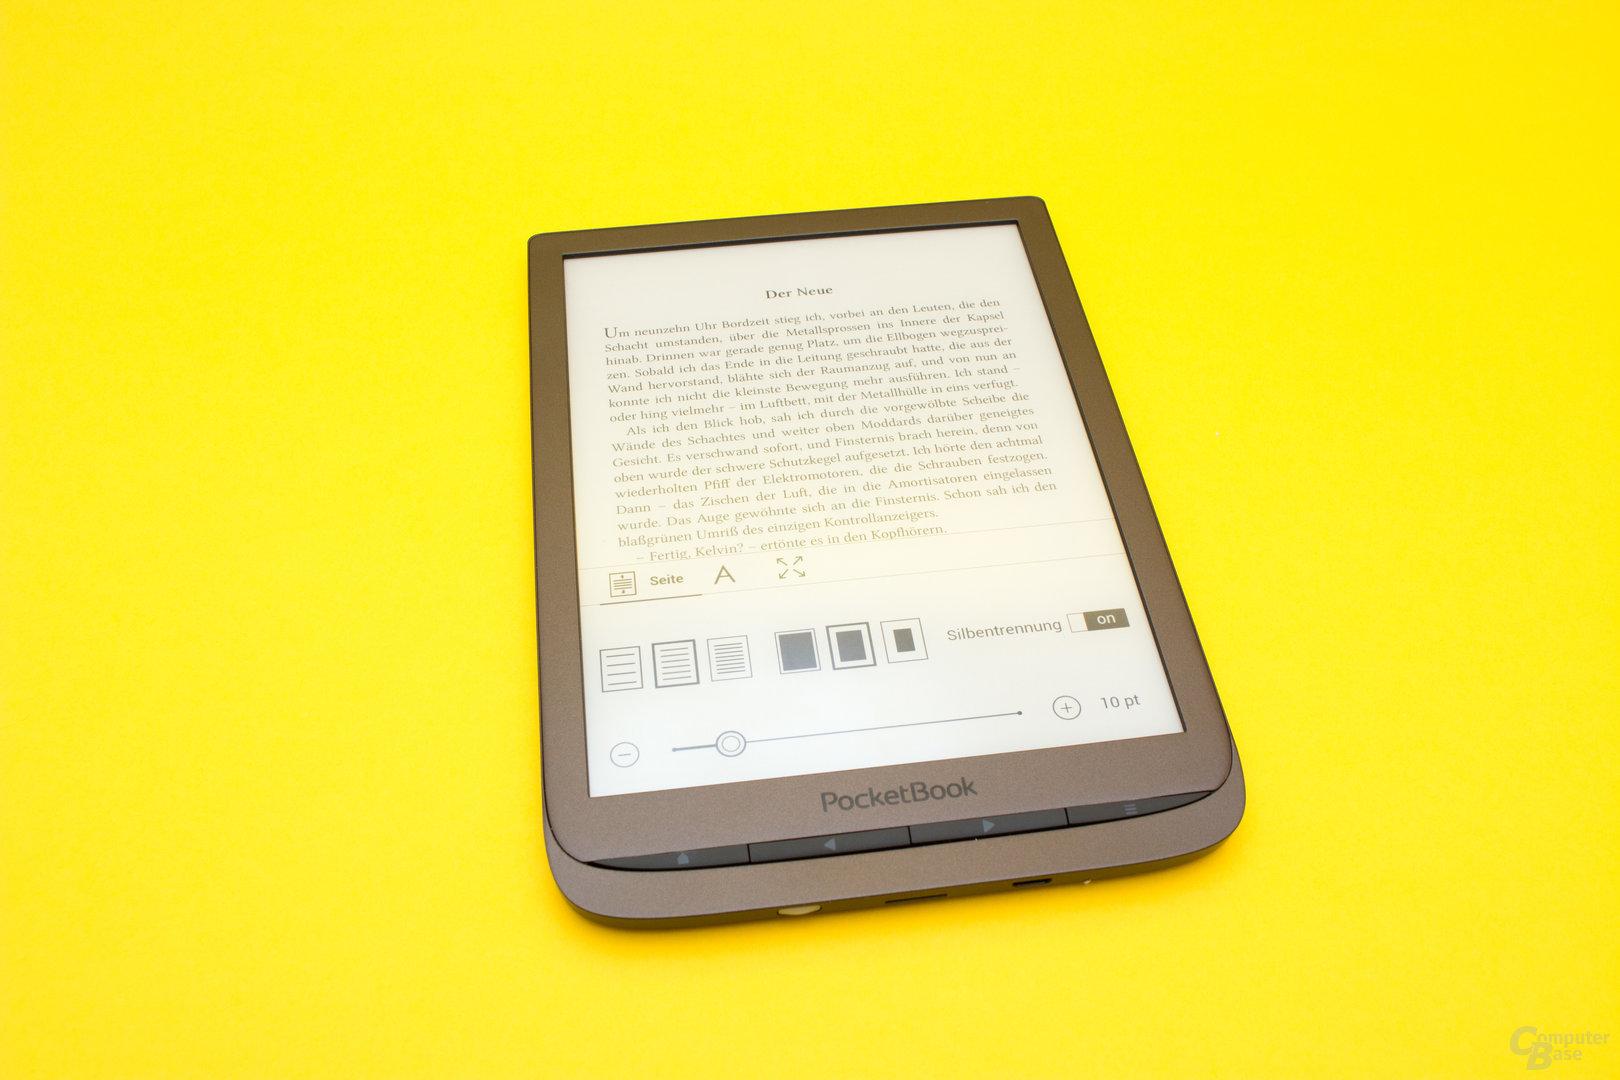 Zahlreiche Texteinstellungen erhöhen den Lesekomfort